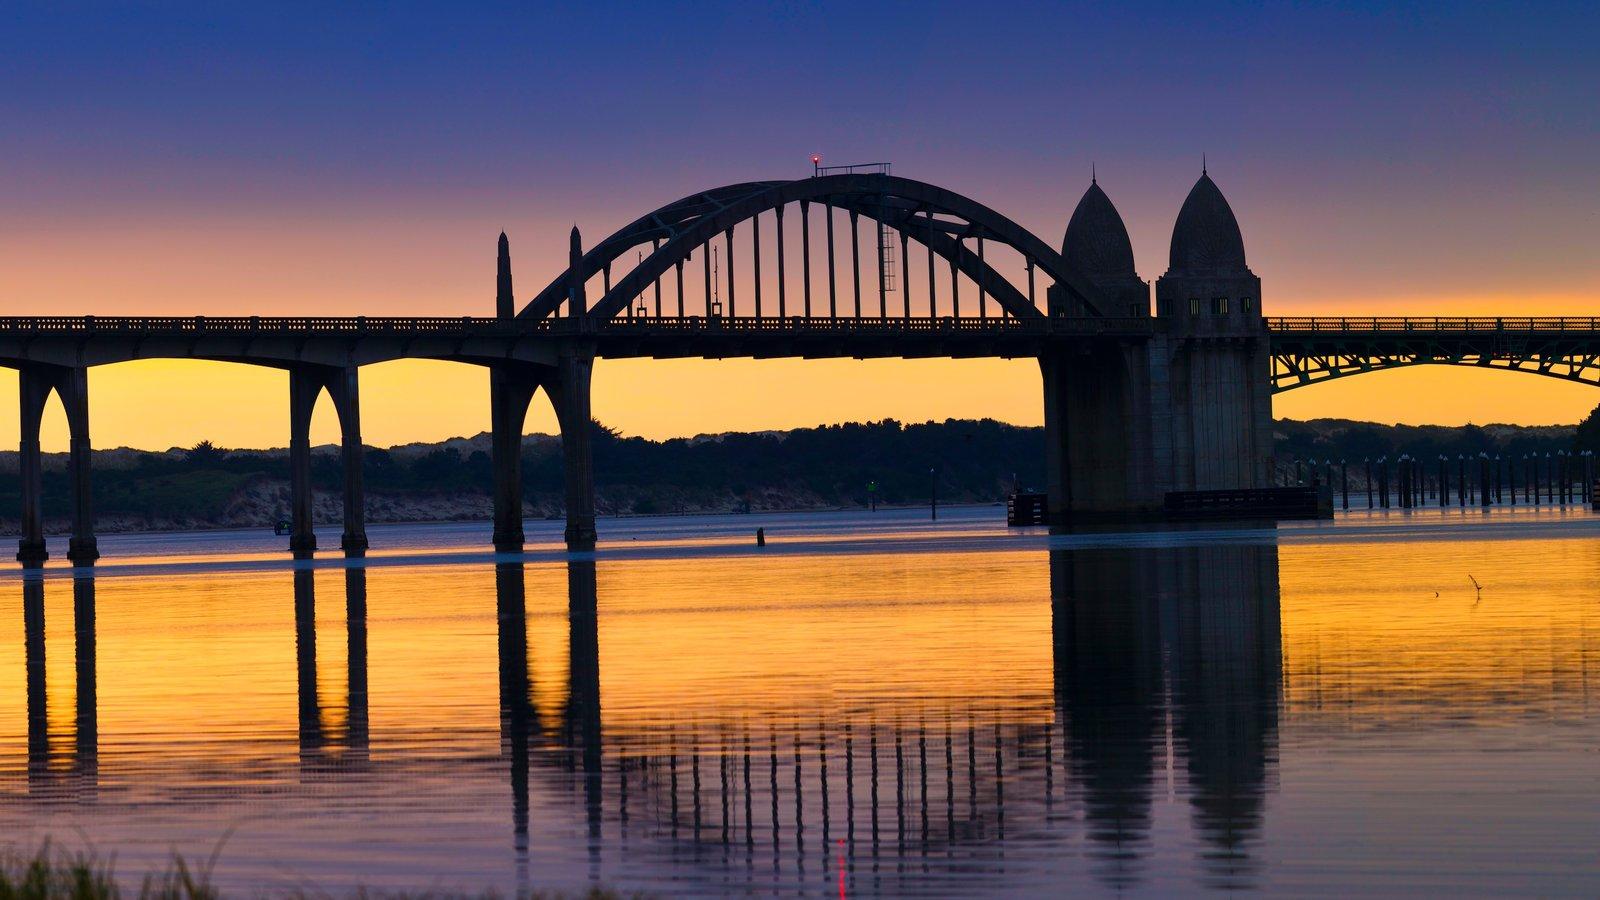 Florence que incluye un puente, un río o arroyo y una puesta de sol